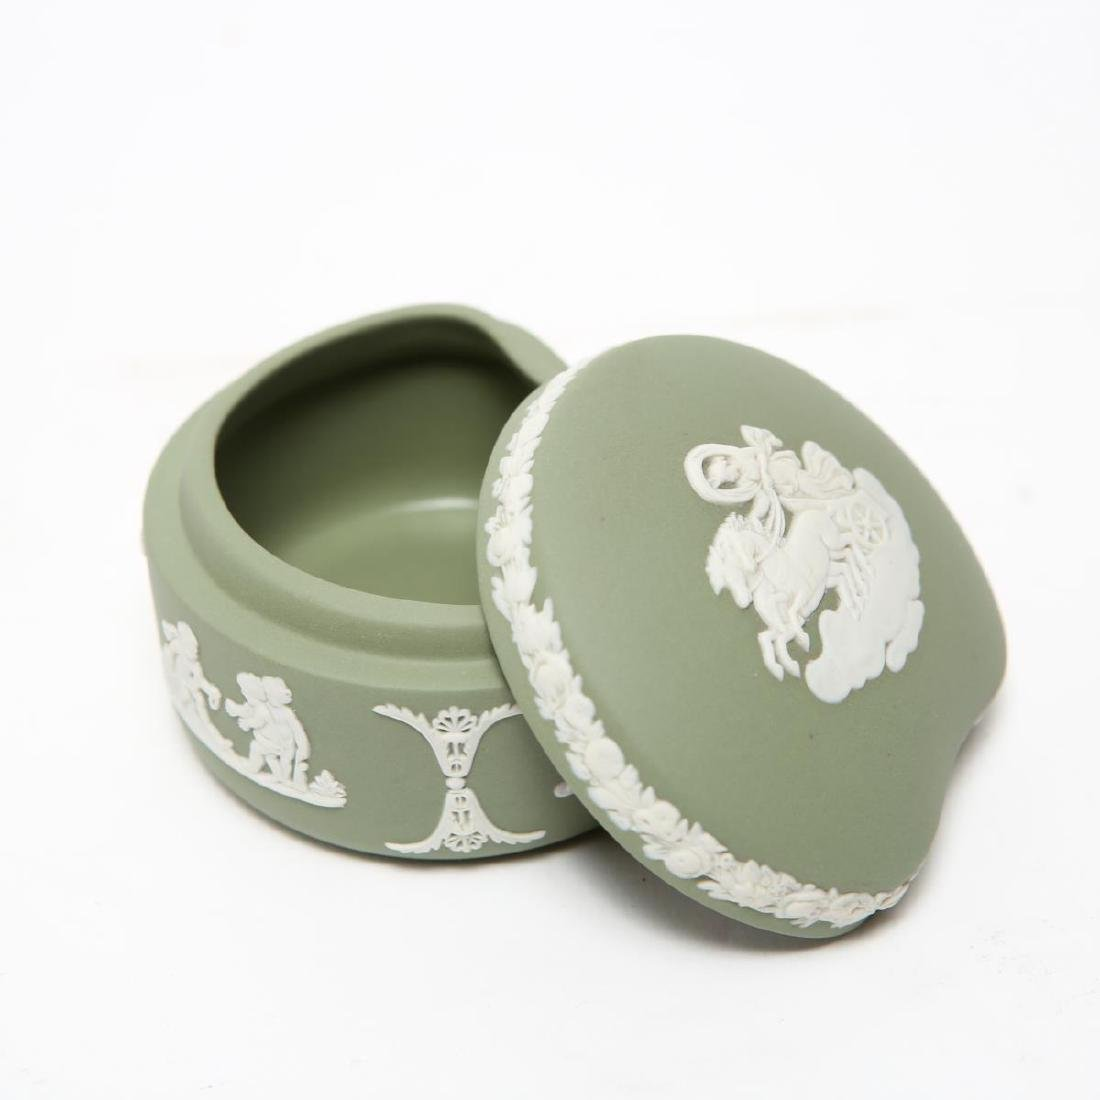 Wedgwood Green / Blue & White Jasperware Boxes, 5 - 4